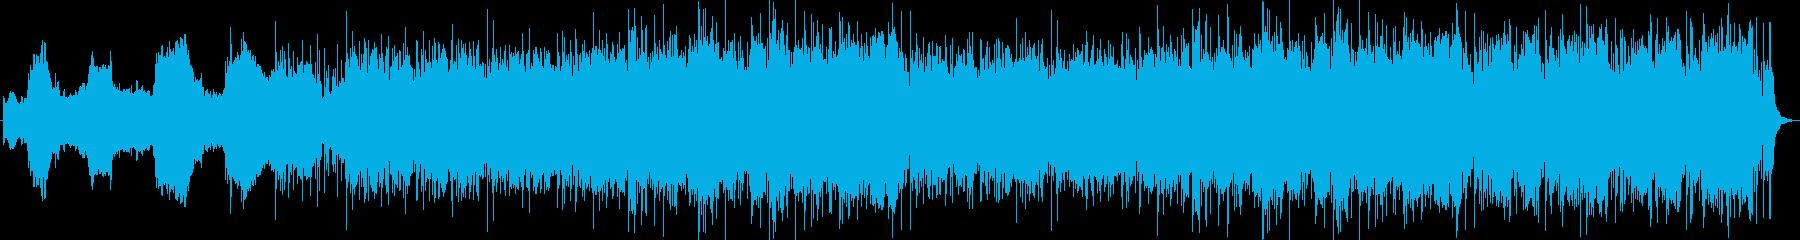 フュージョン エスニック adve...の再生済みの波形